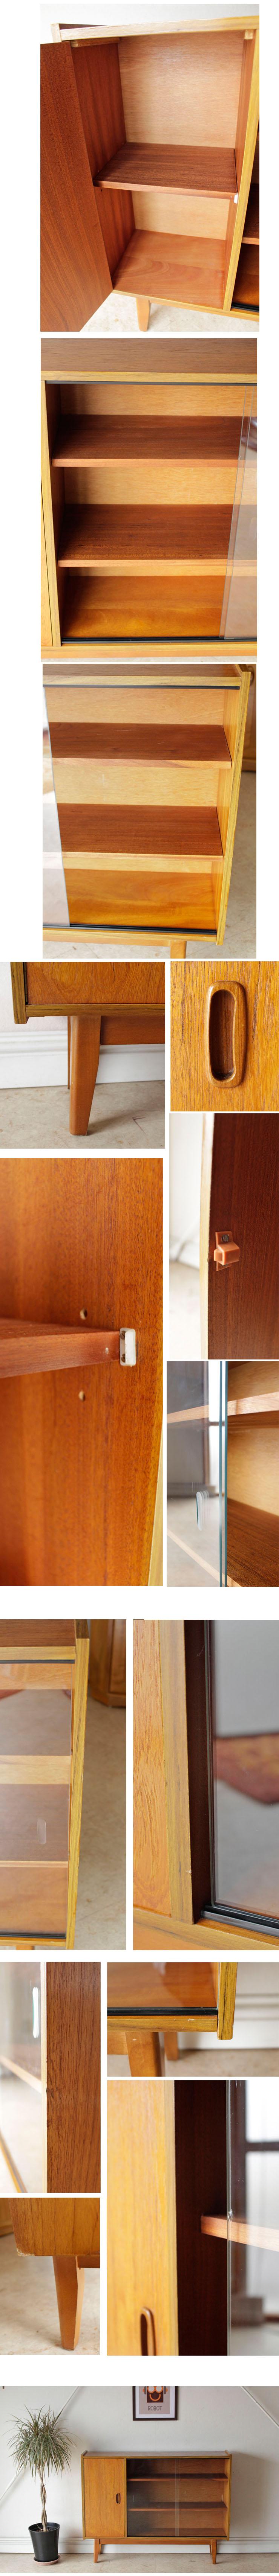 ビンテージチーク・ガラス・ブックケース本棚キャビネット/イギリス製アンティーク014026